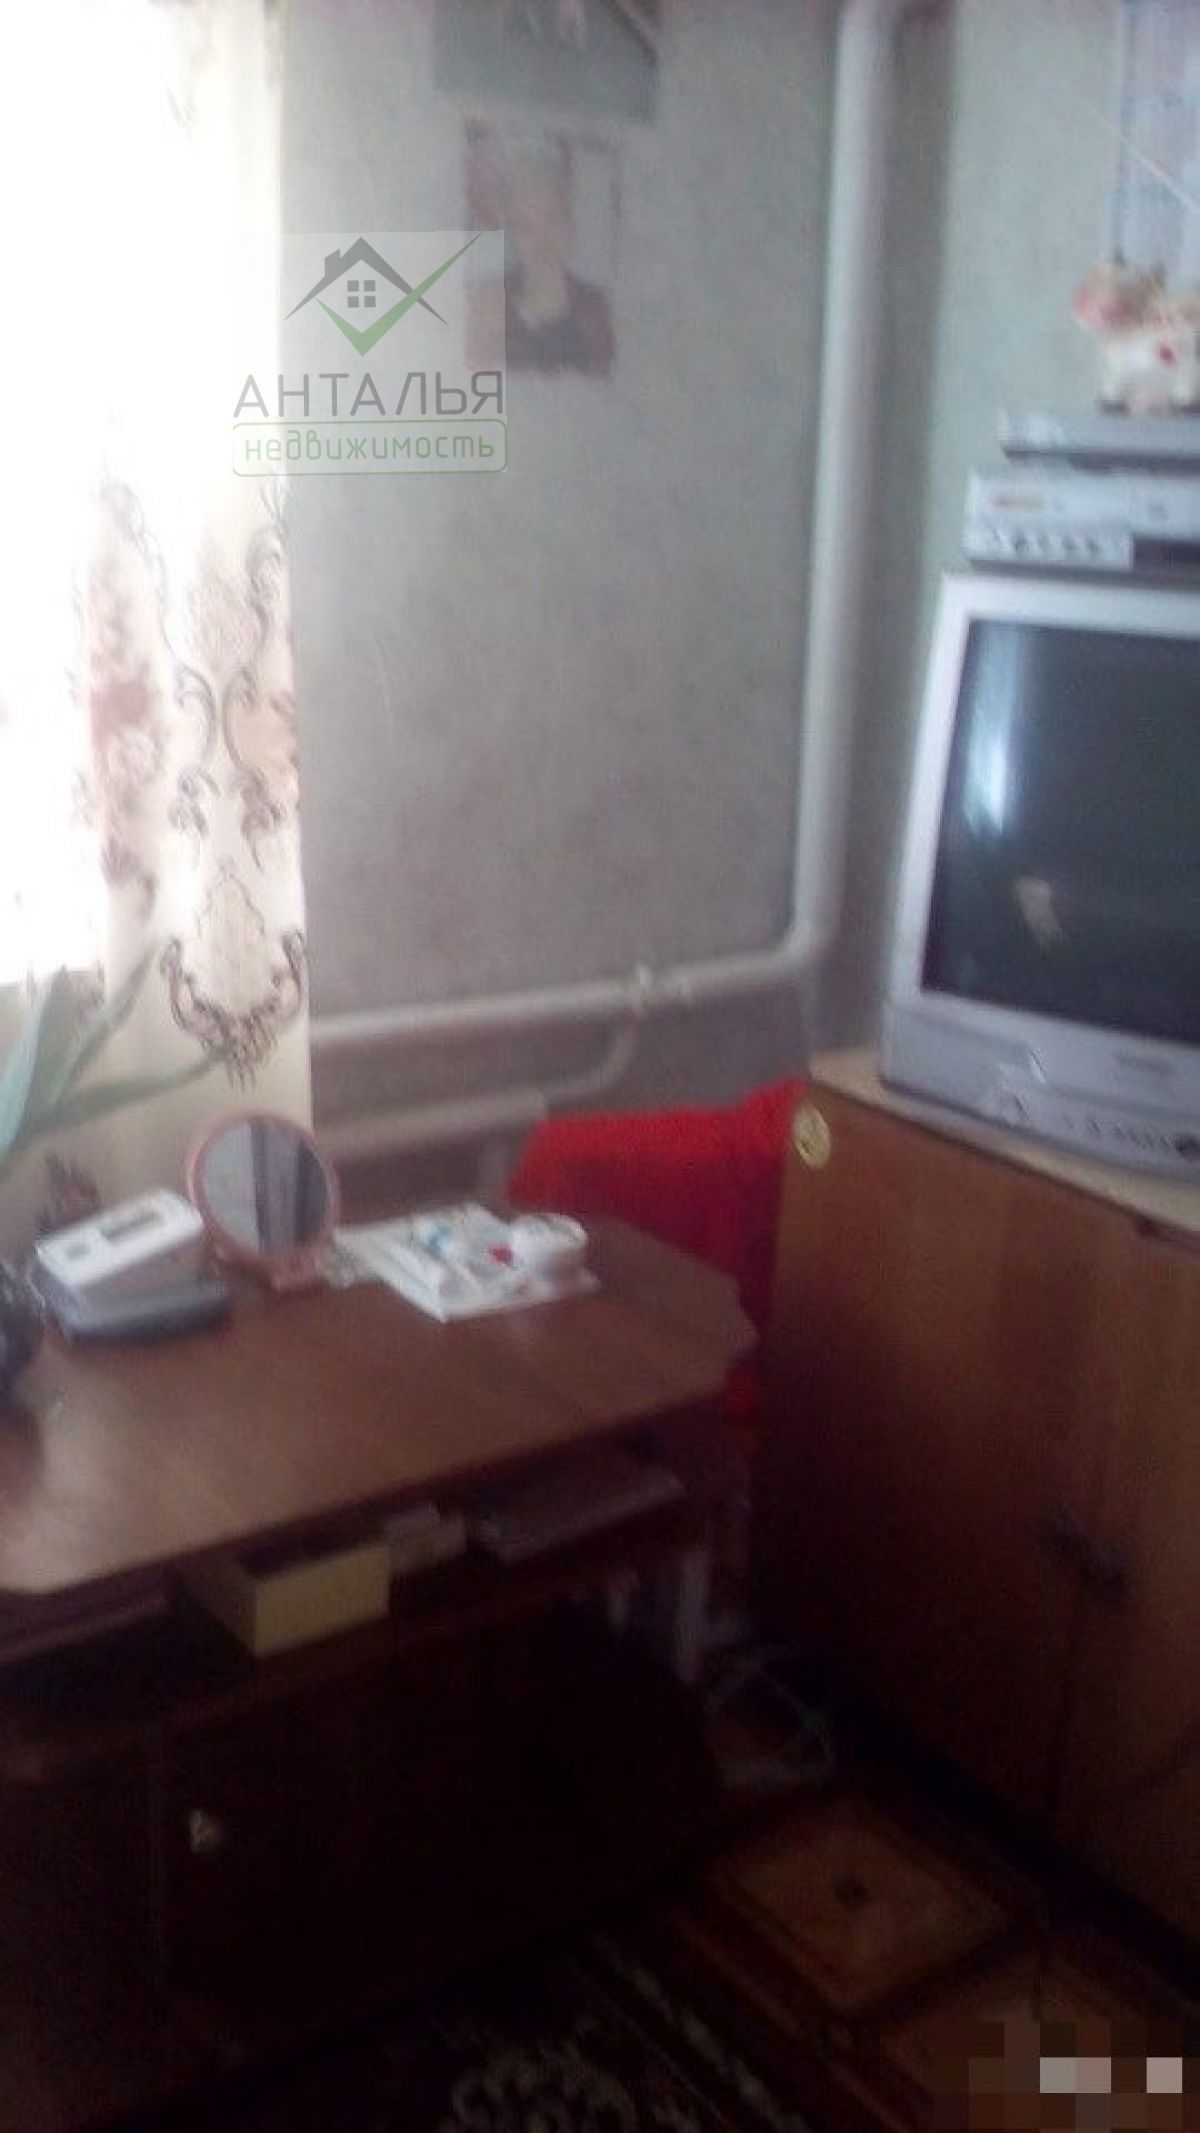 Продам дом, Ростовская область, Каменск-Шахтинский, Подскельный, Рудничная ул